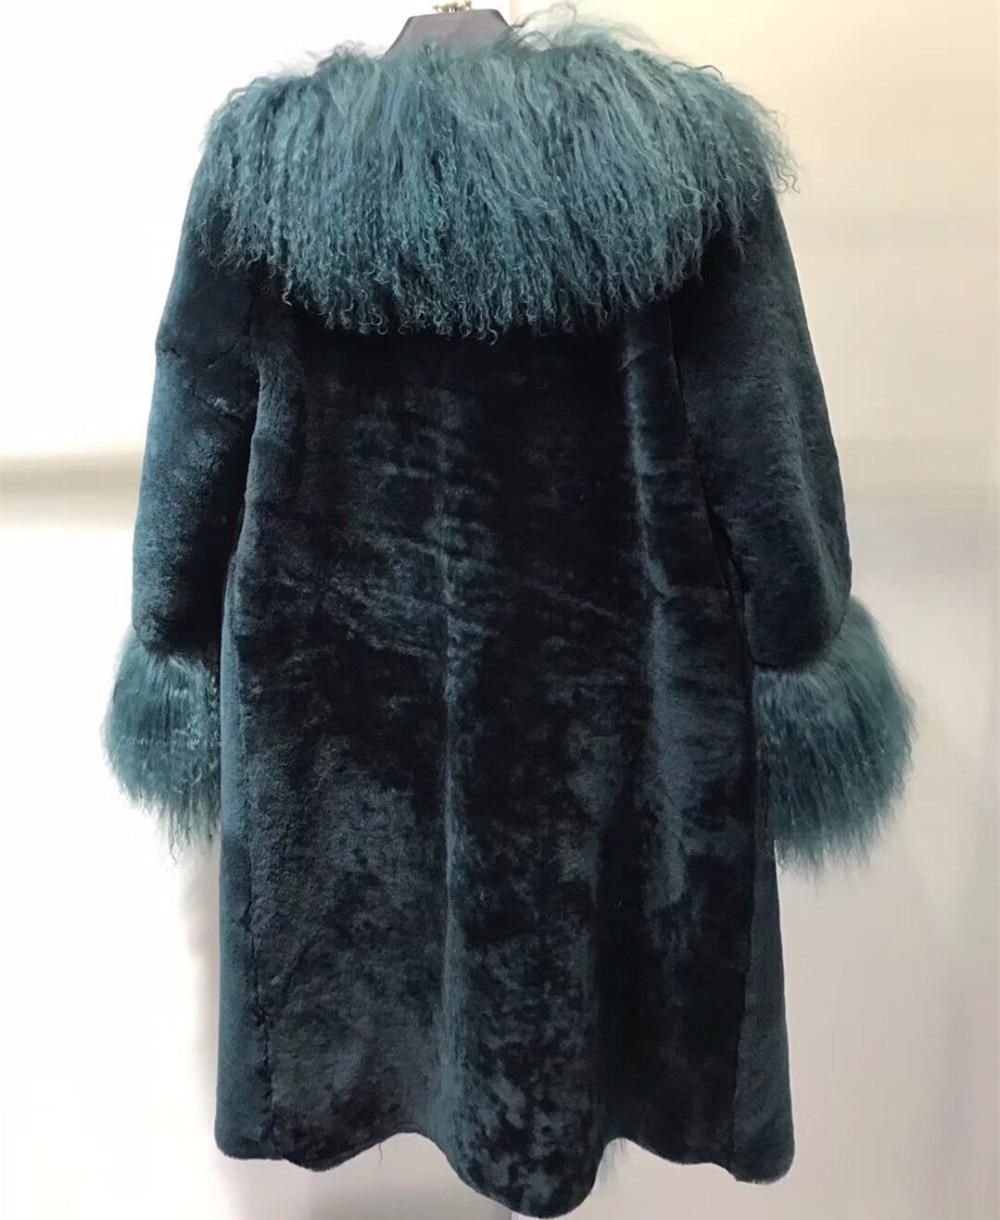 Ladies Real Sheep Shearling Fur Coat Patchwork Mongolia Sheep Fur ...